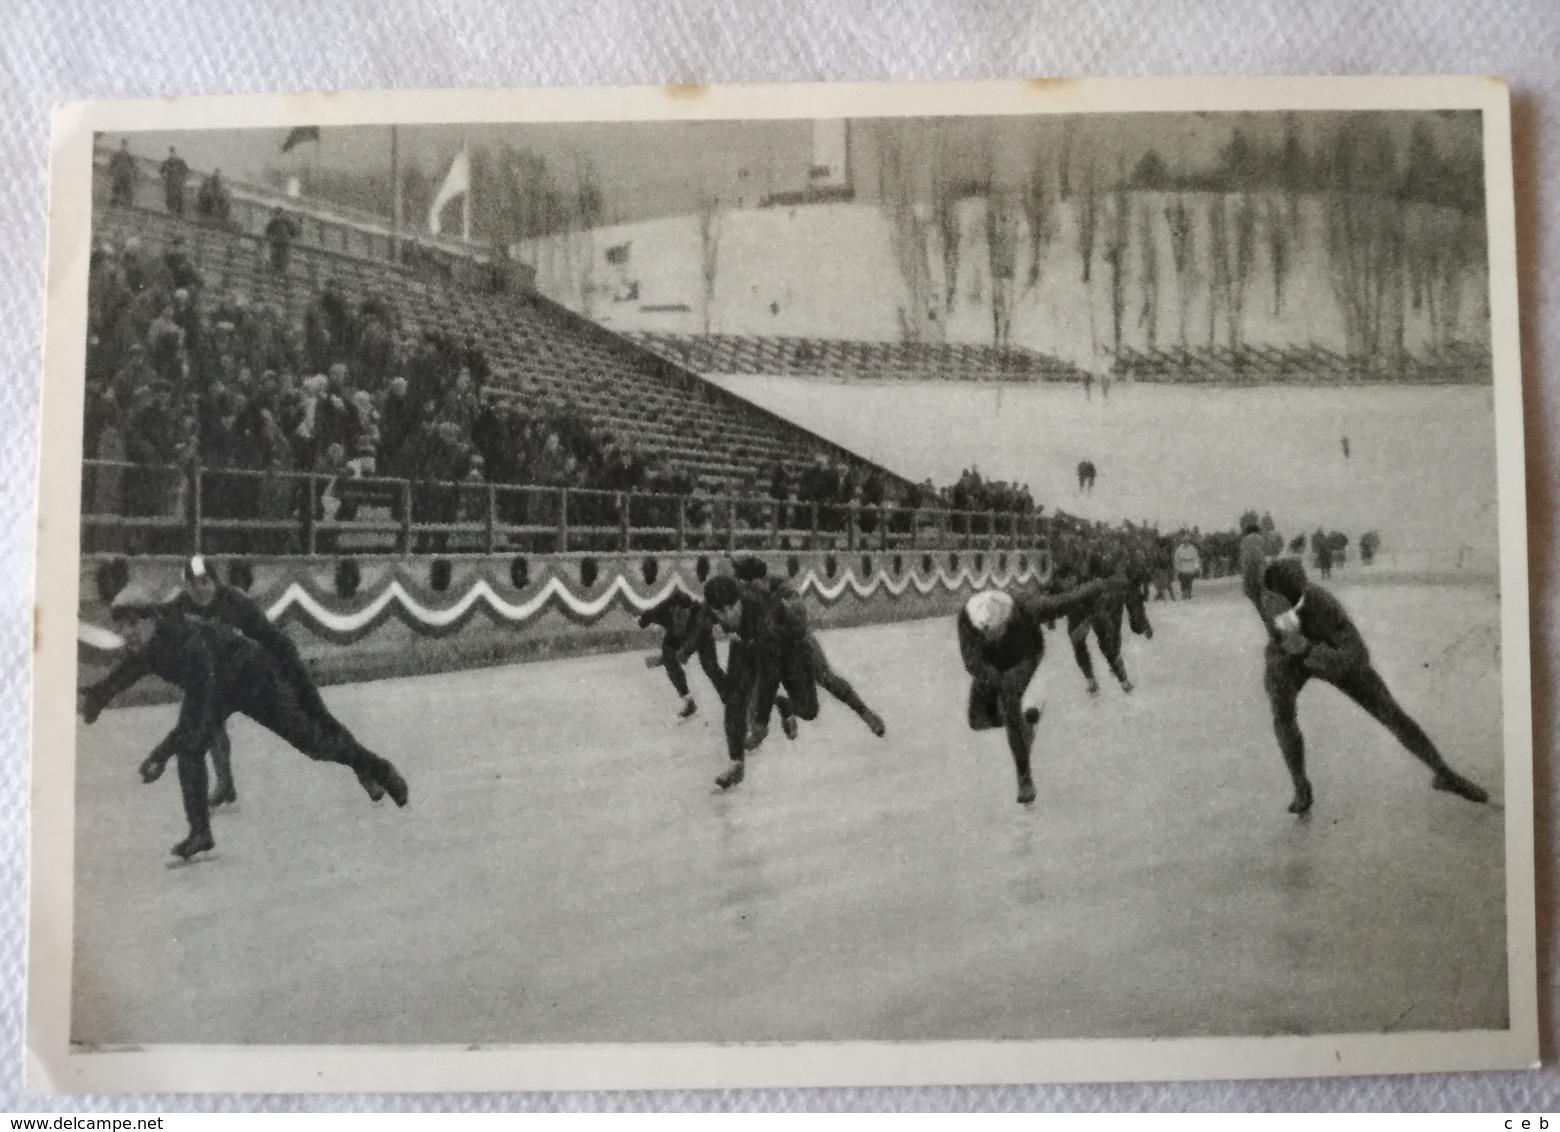 Foto Cromo Olimpiada De Los Ángeles. 1932. Nº 192. Patinaje 5000 Metros, Evensen, Noruega. Hecho En 1936 Para Olimpiada - Tarjetas